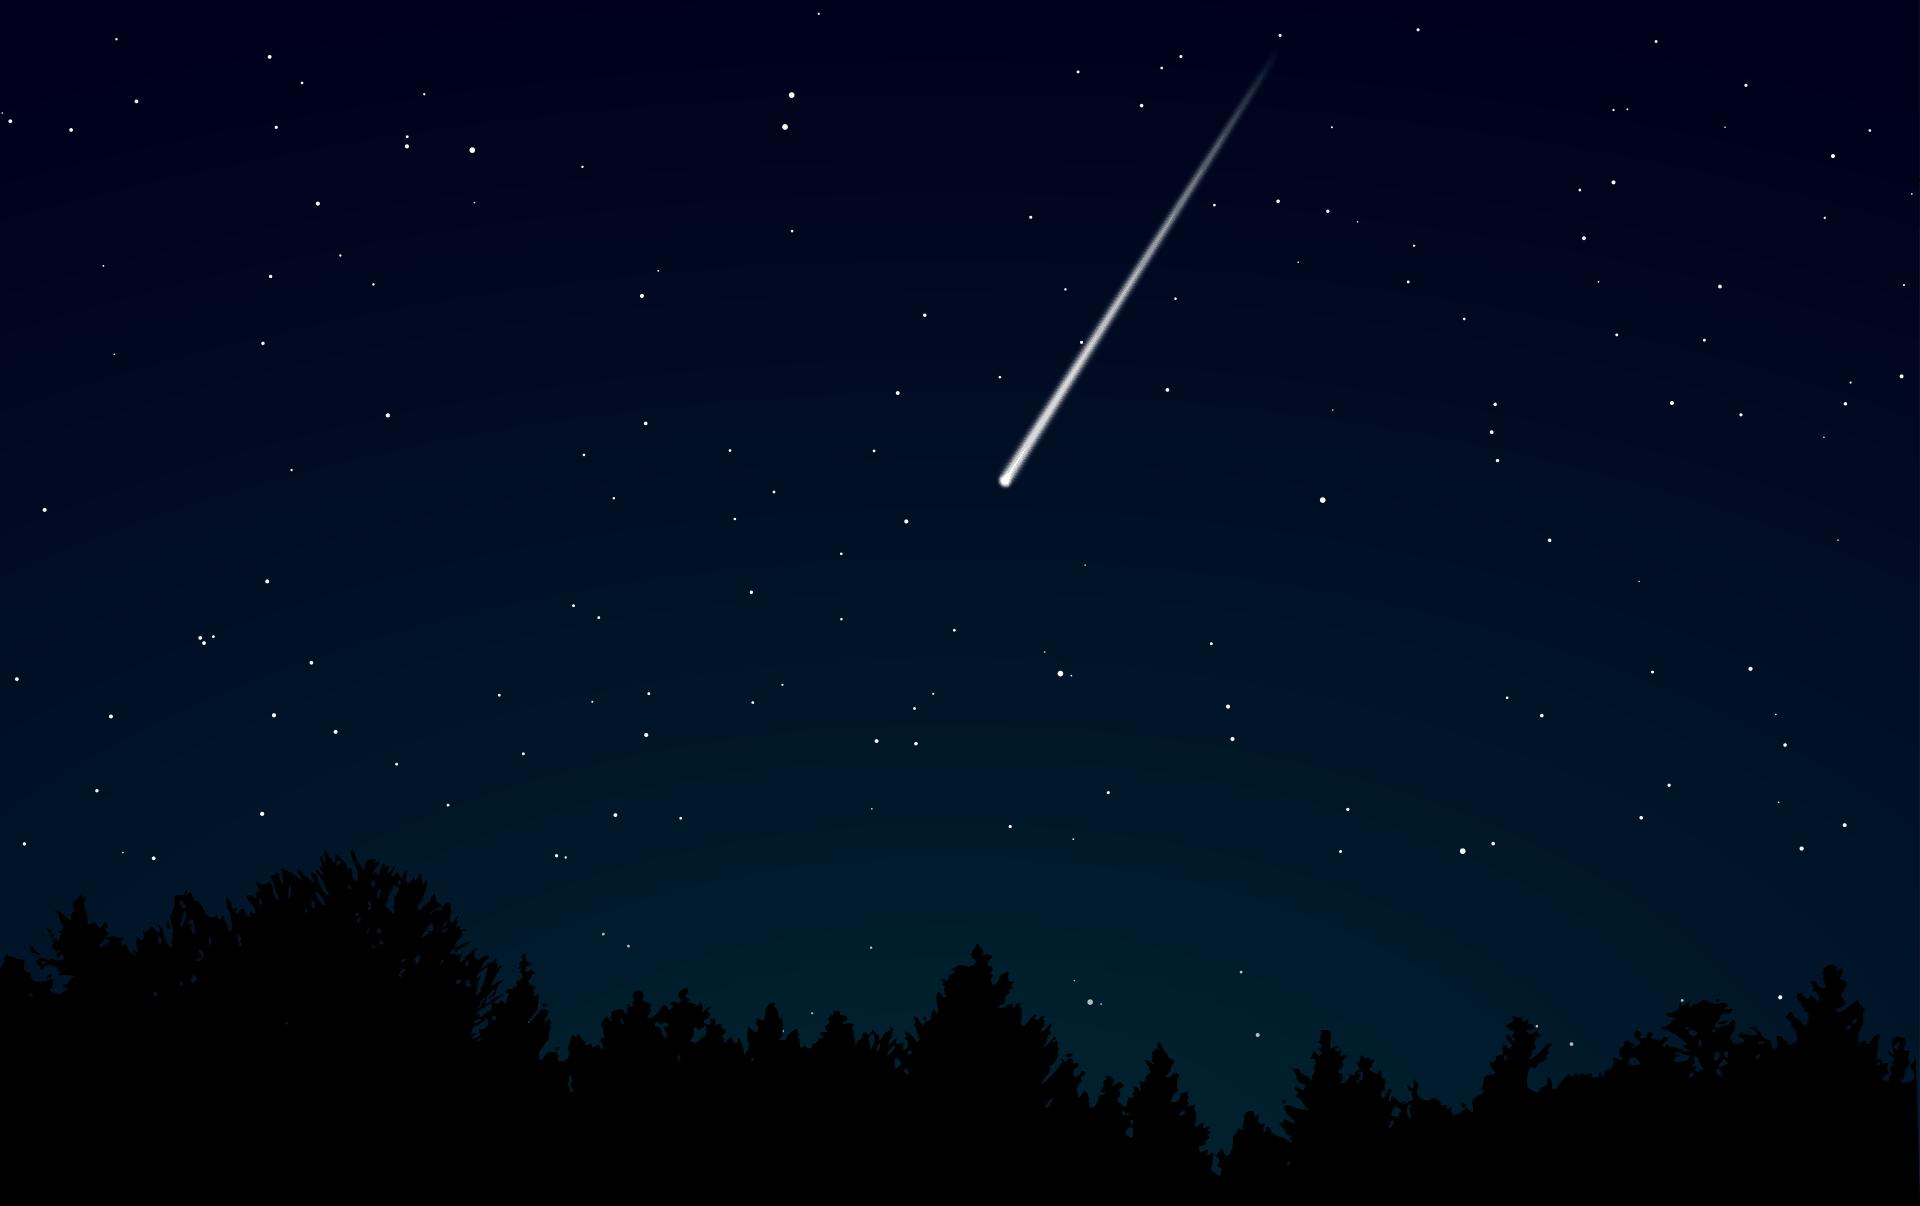 Leuchtstreifen einer Sternschnuppe am Nachthimmel